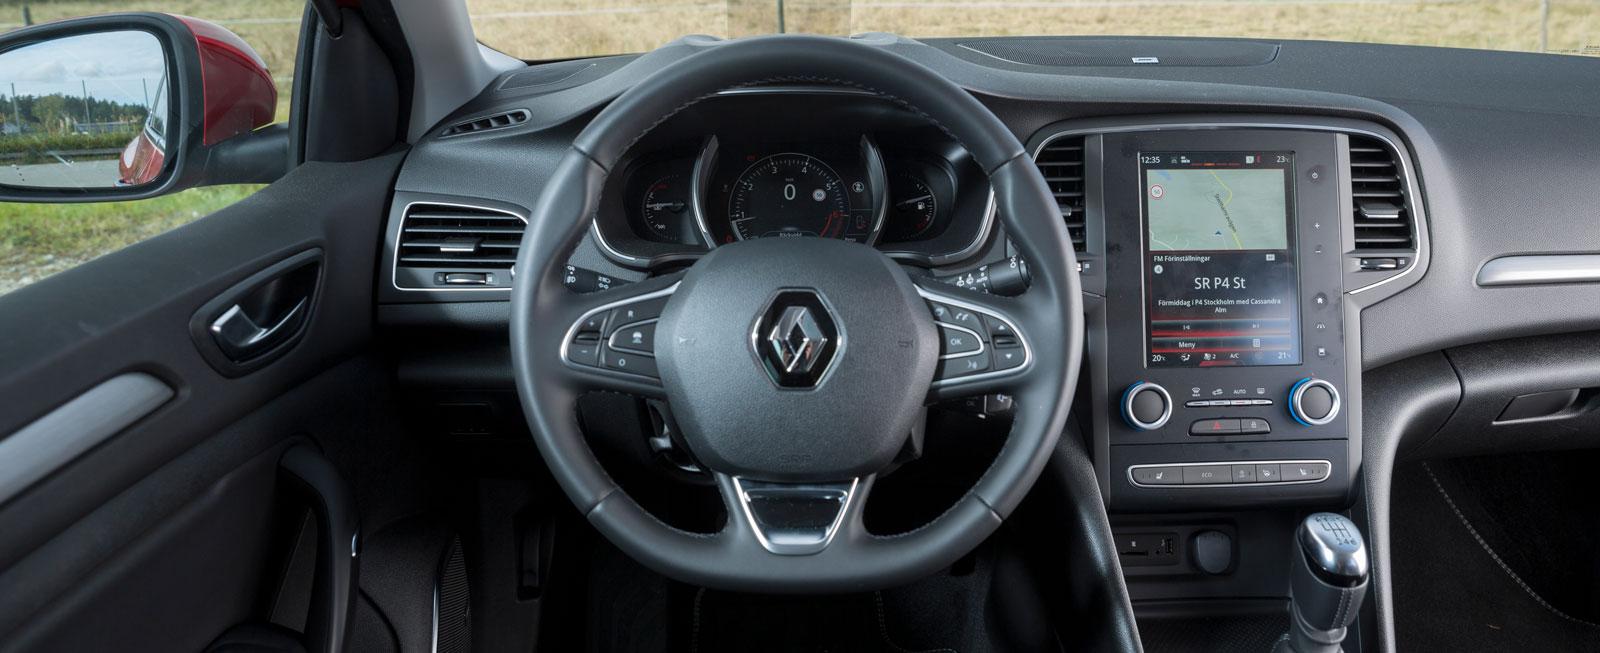 Renault stora skärm samlar mängder av funktioner som det tar tid att hitta och söka bland. Helheten blir därmed onödigt komplicerad. Bra rattreglage.